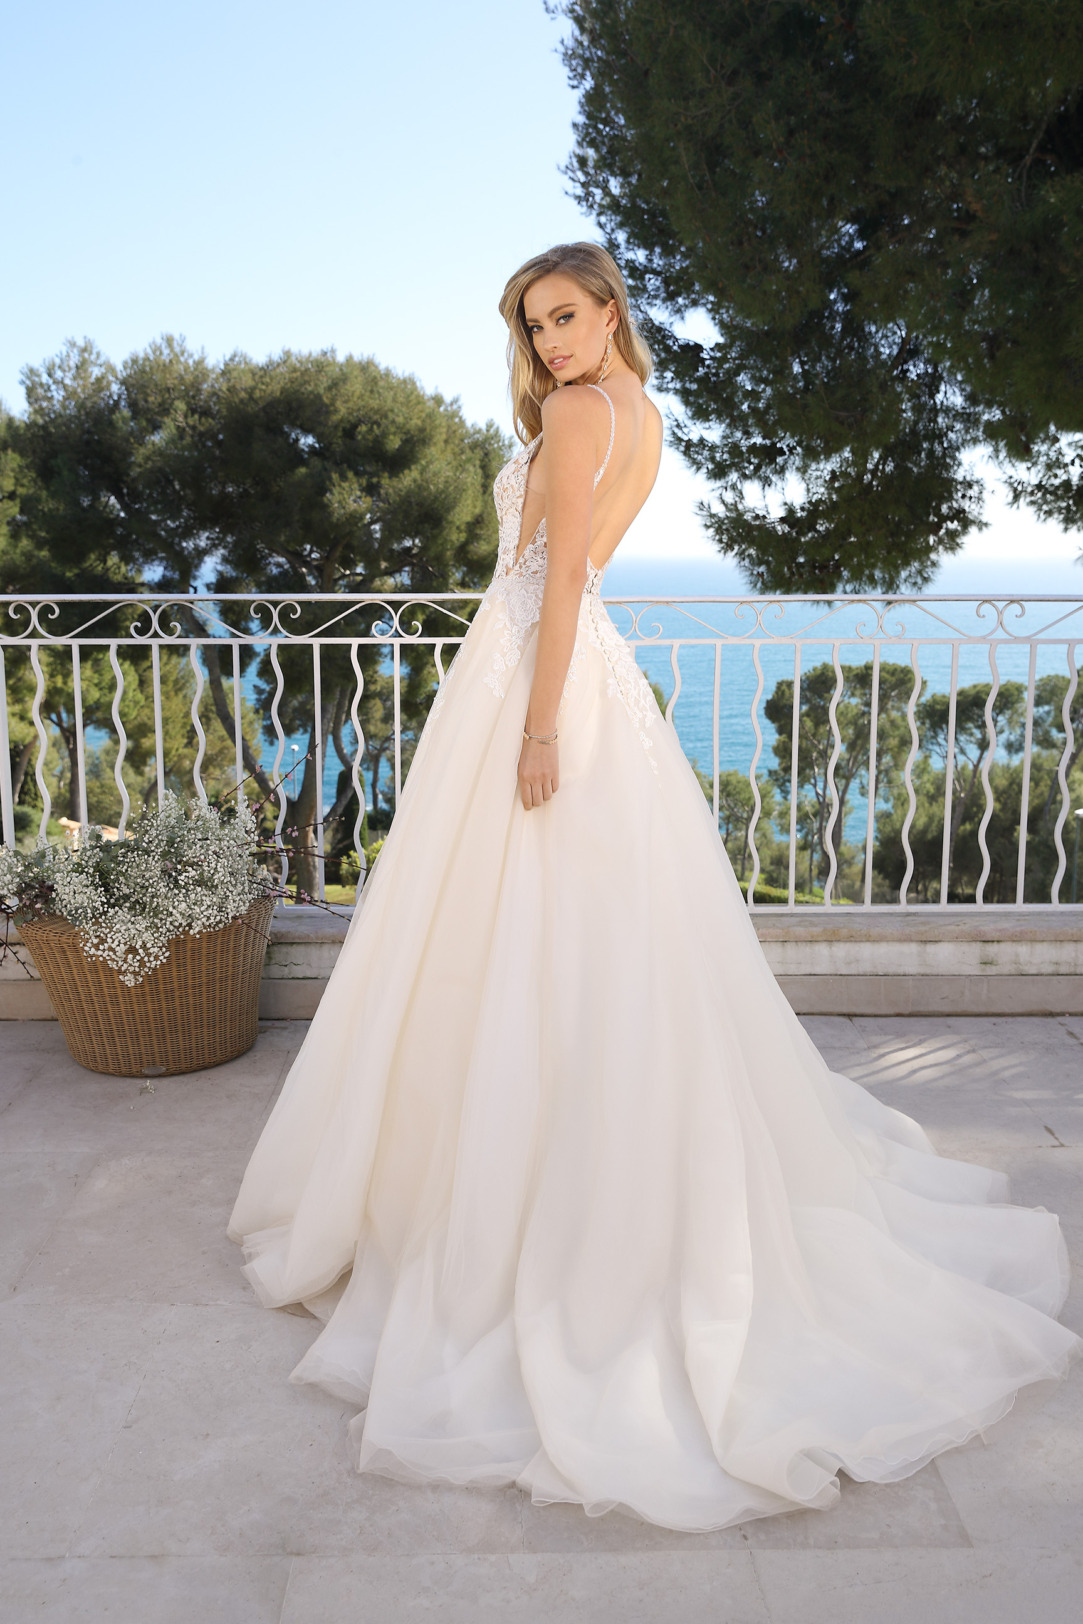 Rückenansicht Brautkleid in A-Linie mit V-Ausschnitt in Kleid in der Farbe light pink rose. Hochzeitskleid in A Linie von Ladybird Modell 421011. Hochzeitskleid mit V-Ausschnitt und schmalen Trägern, transparente Spitzte in light pink rose